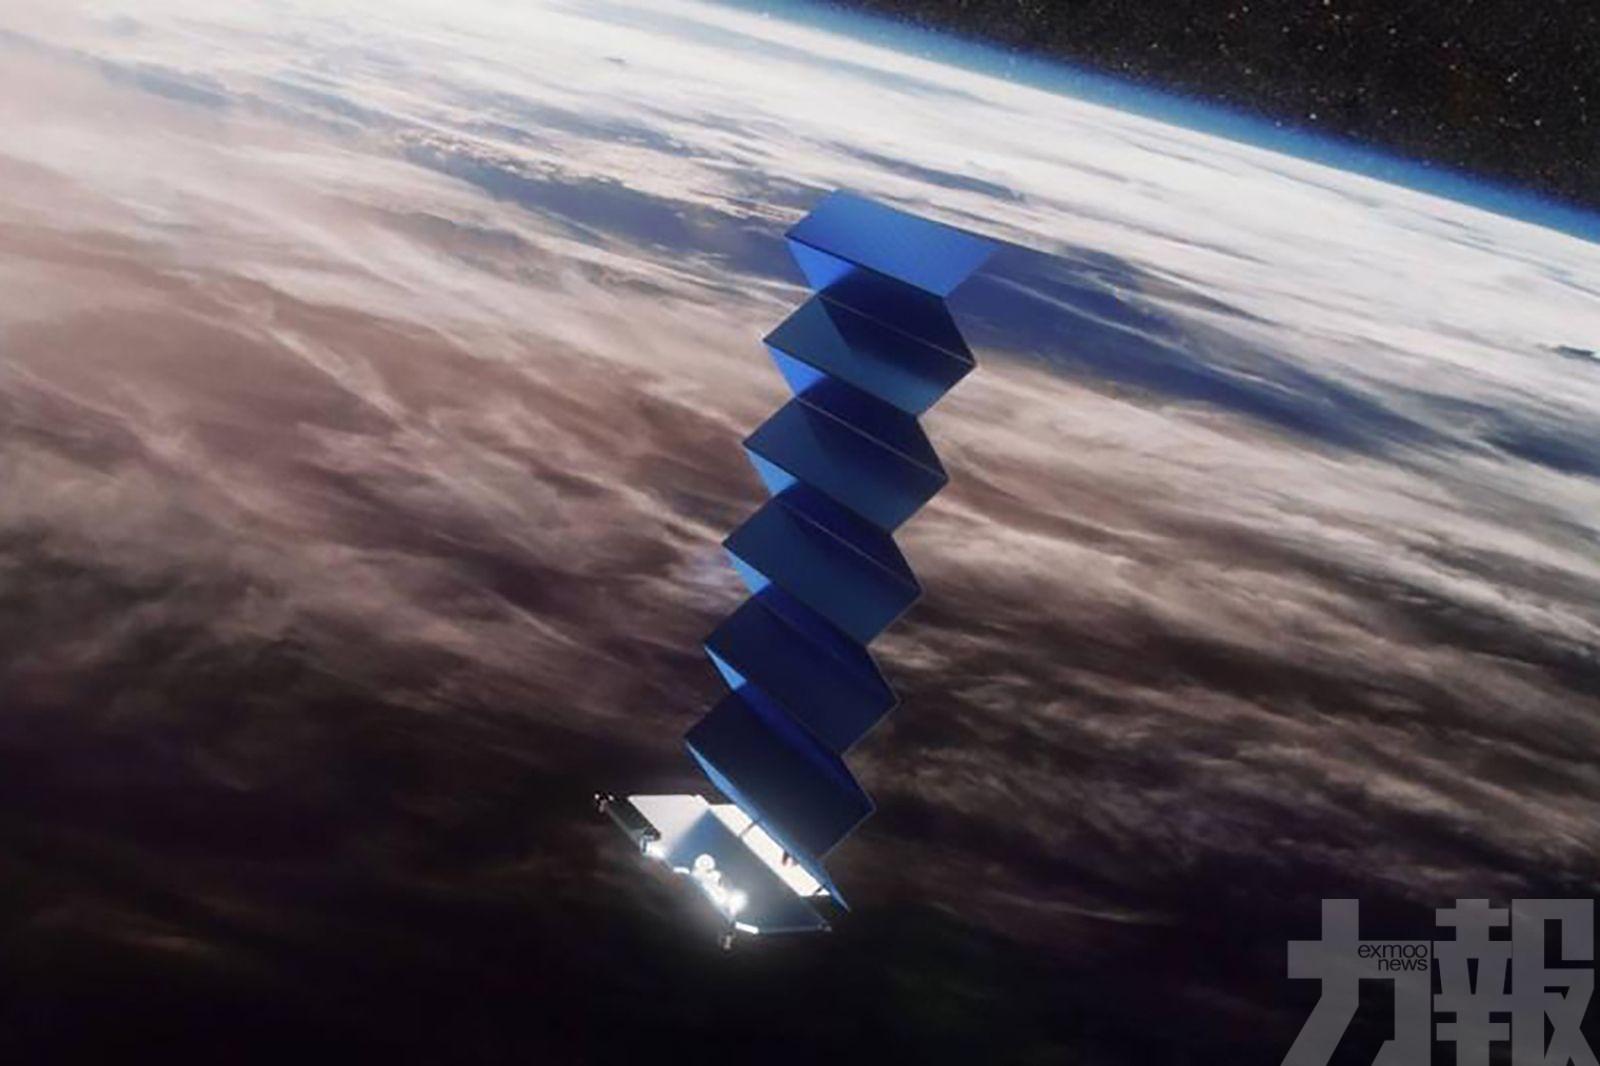 未來五年將搭建1.2萬顆衛星網絡